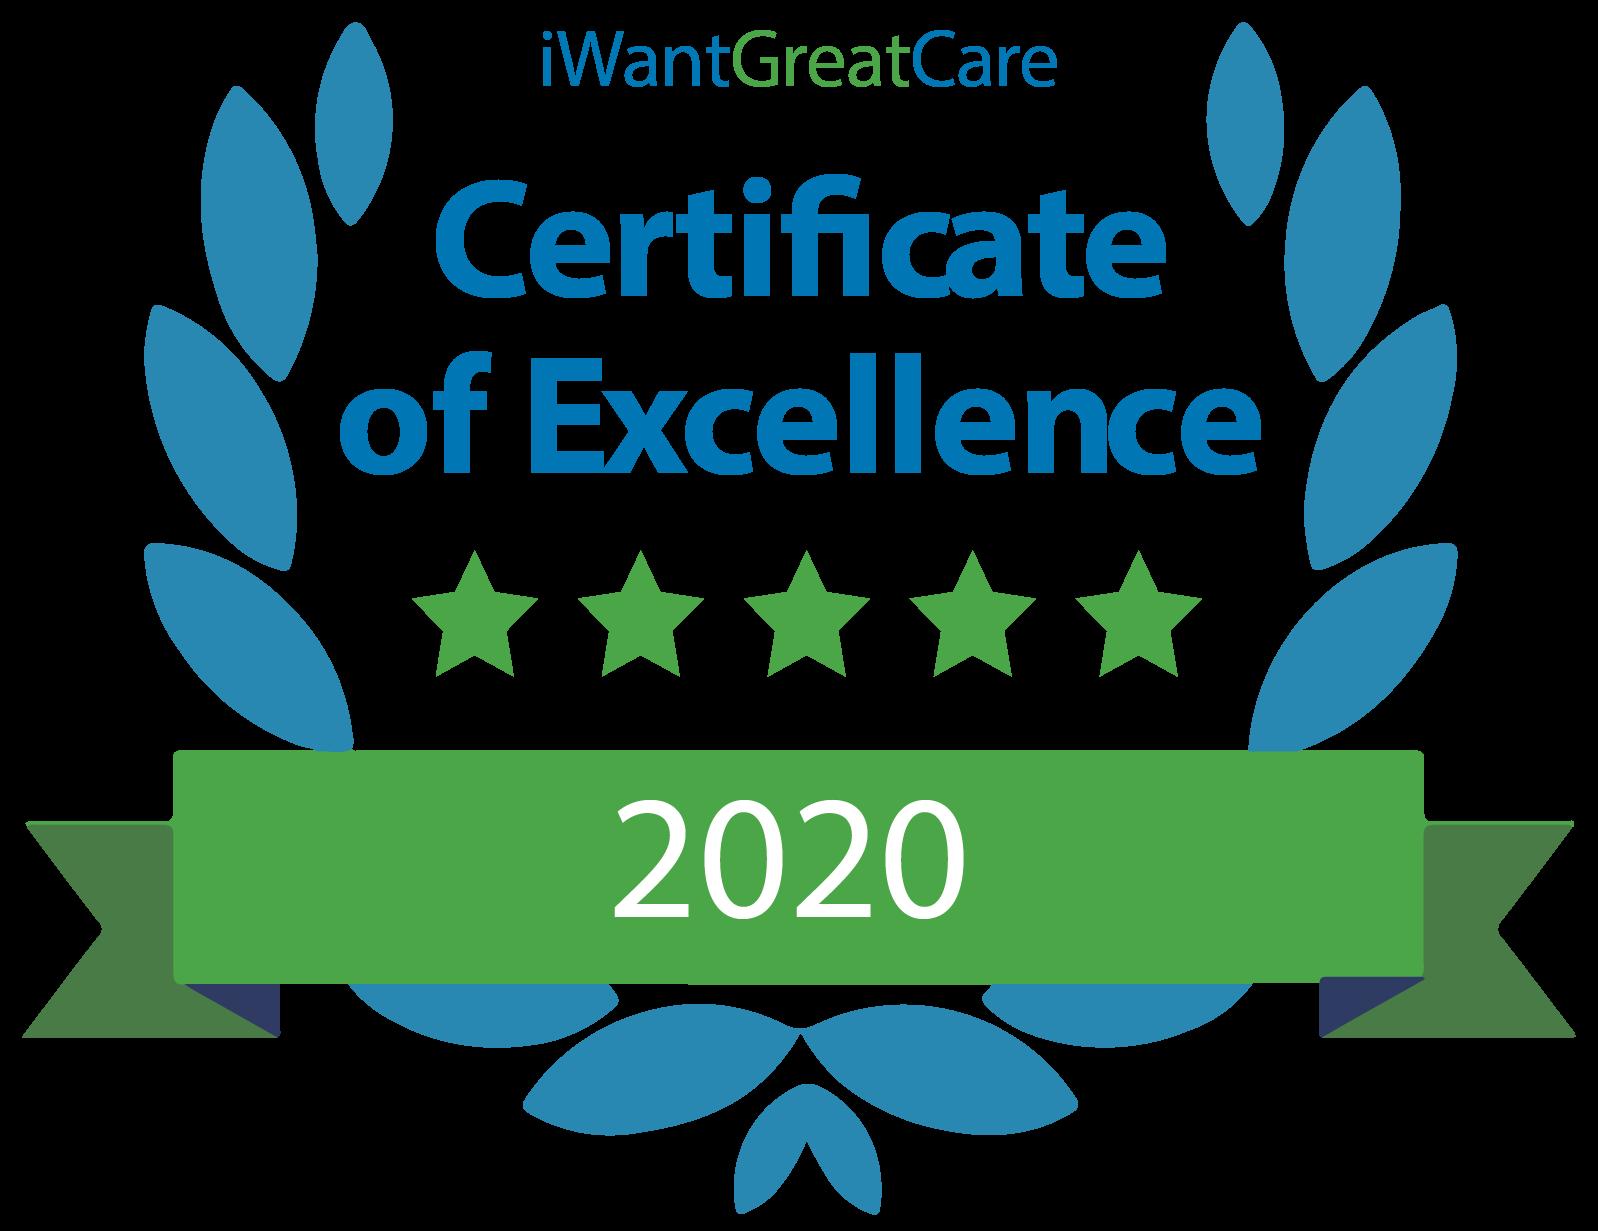 IWGC-coe2020-GreenBlue-logo